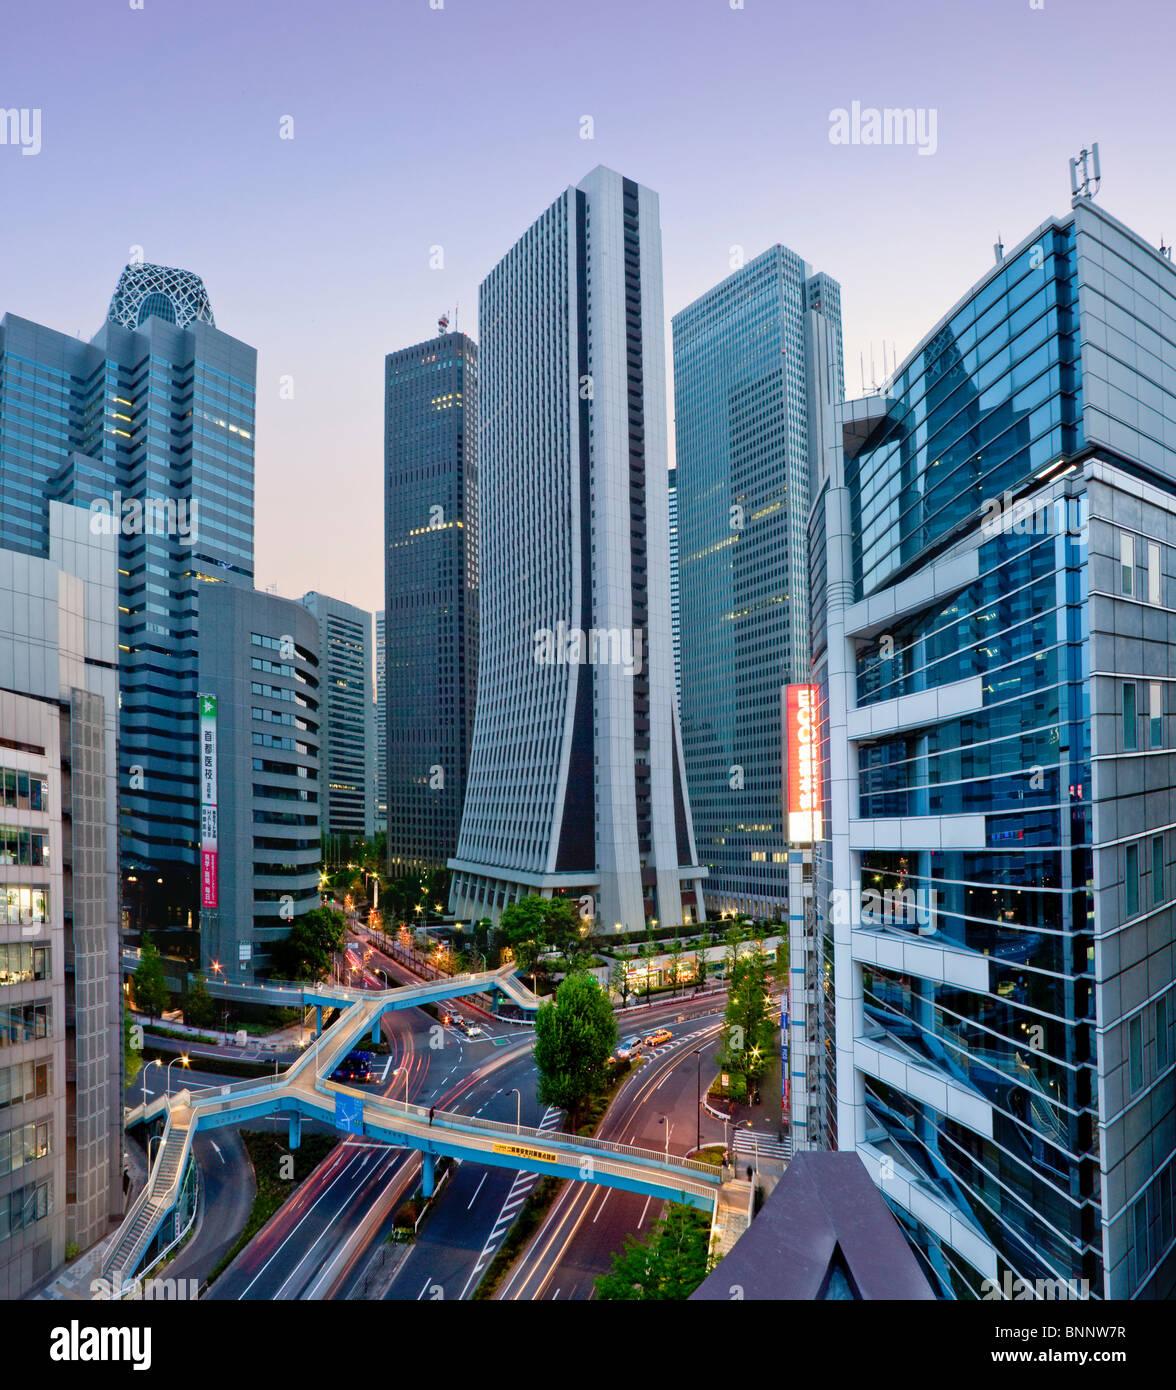 Japan Asia Lejano Oriente el tráfico de la ciudad de Tokyo Shinjuku la construcción de bloques de pisos Imagen De Stock